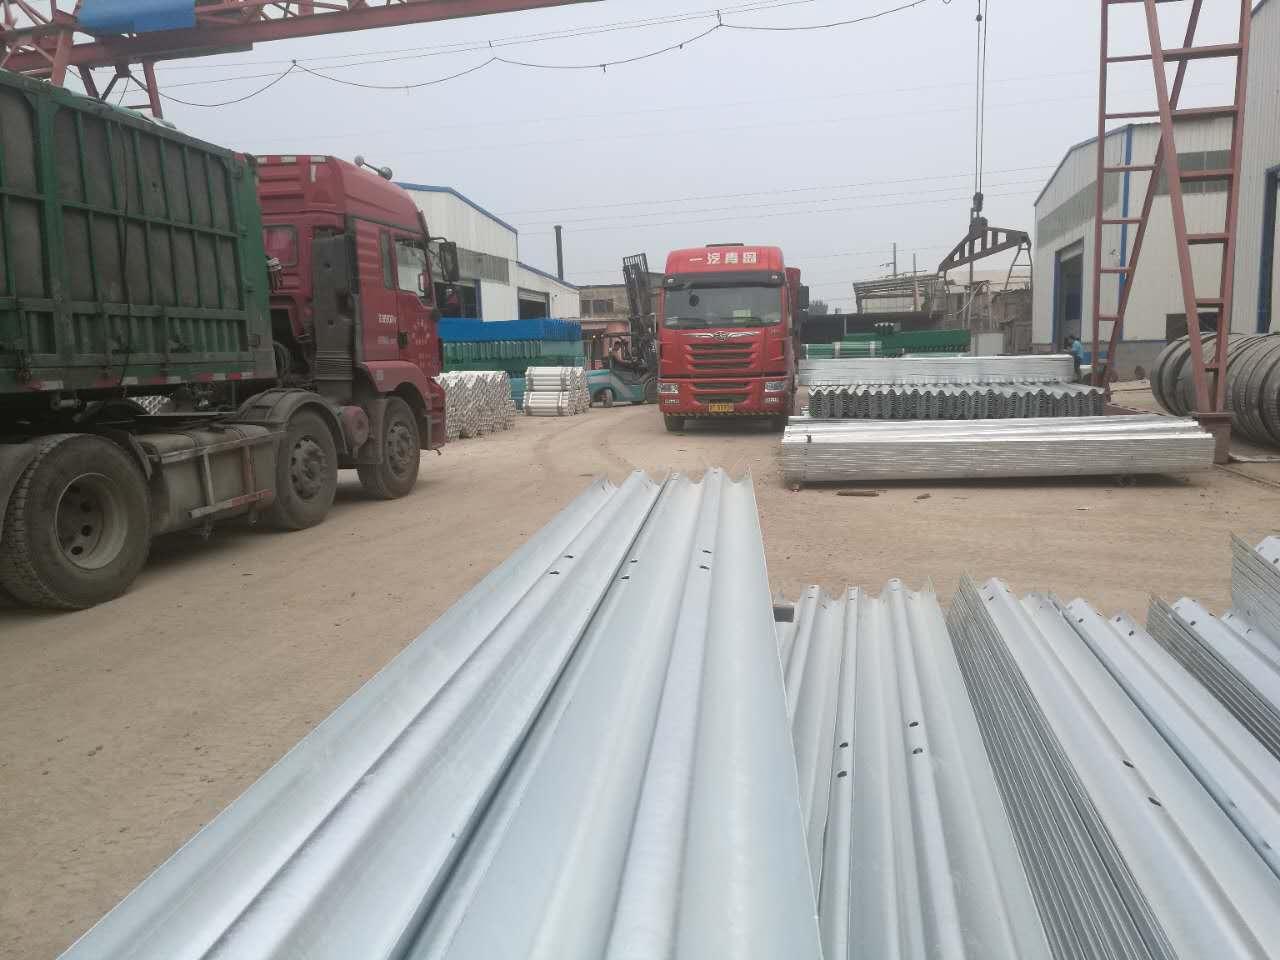 冠县乐胜交通设施专业生产高速公路护栏板,批发二波/三波护栏板镀锌/喷塑波纹状钢护栏